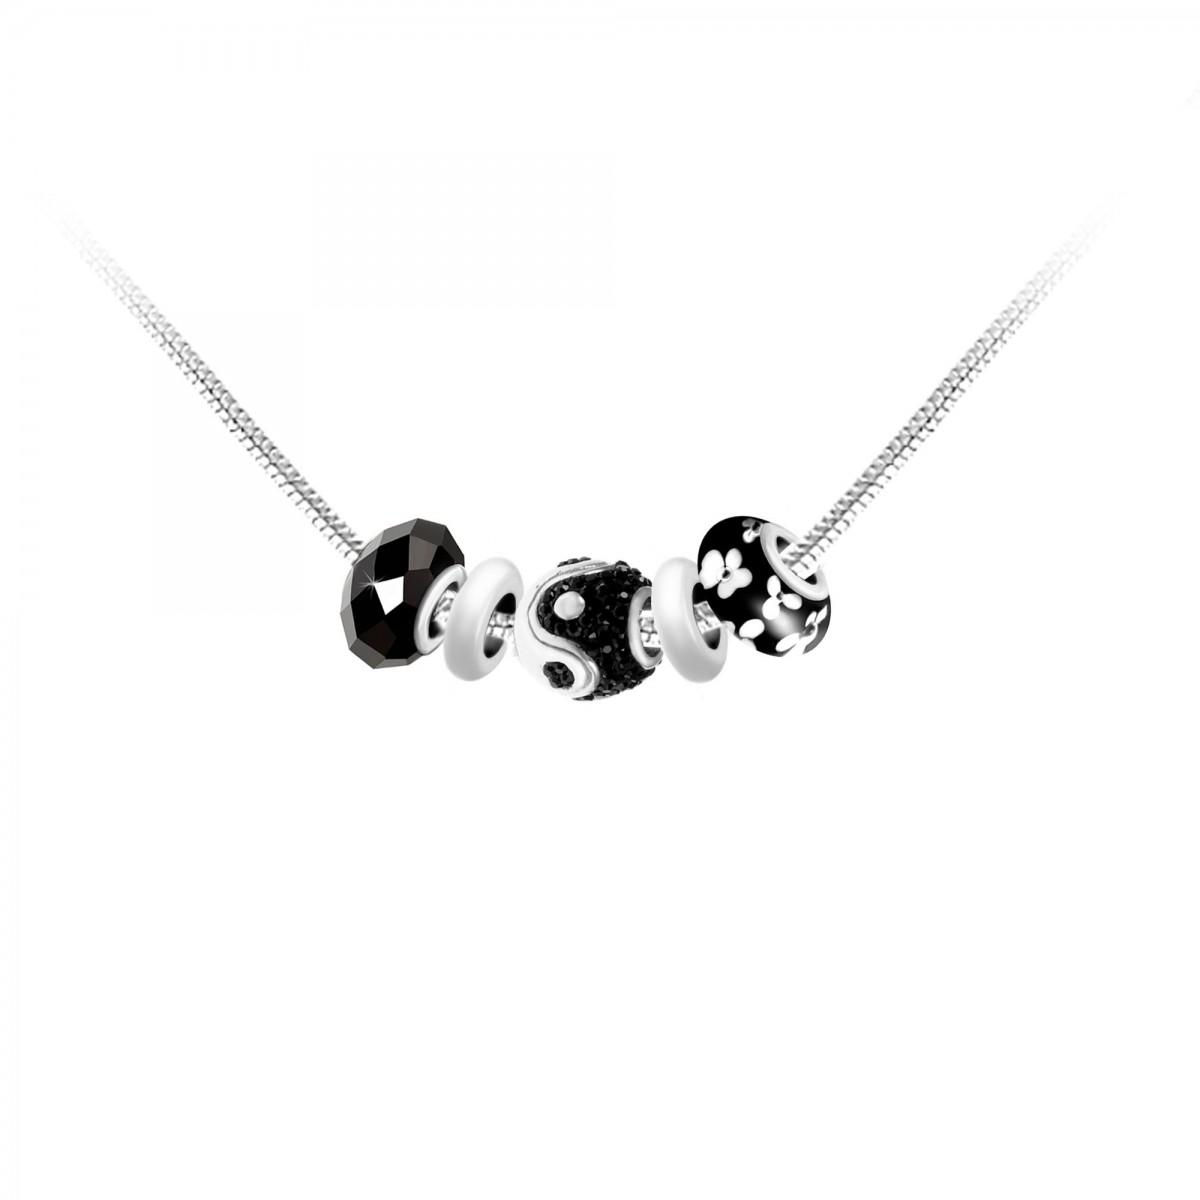 Collier de charms perles noirs et acier So Charm